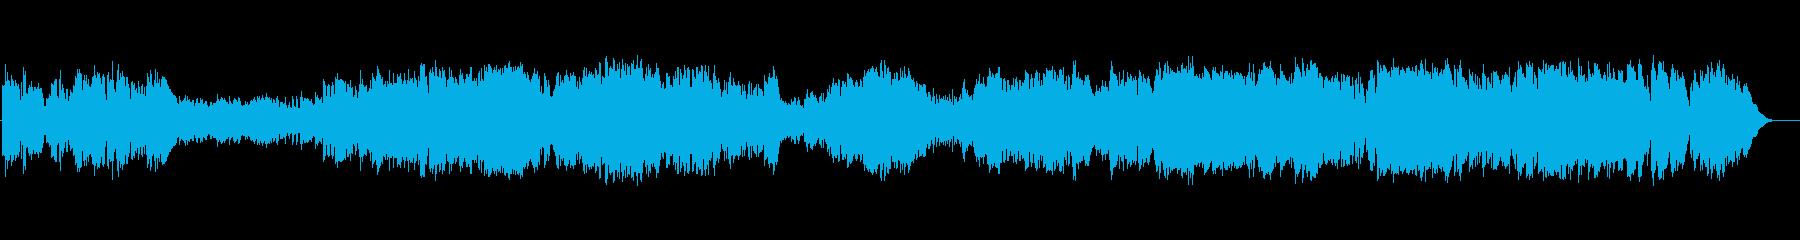 バッハ プレリュード クラシックギターの再生済みの波形